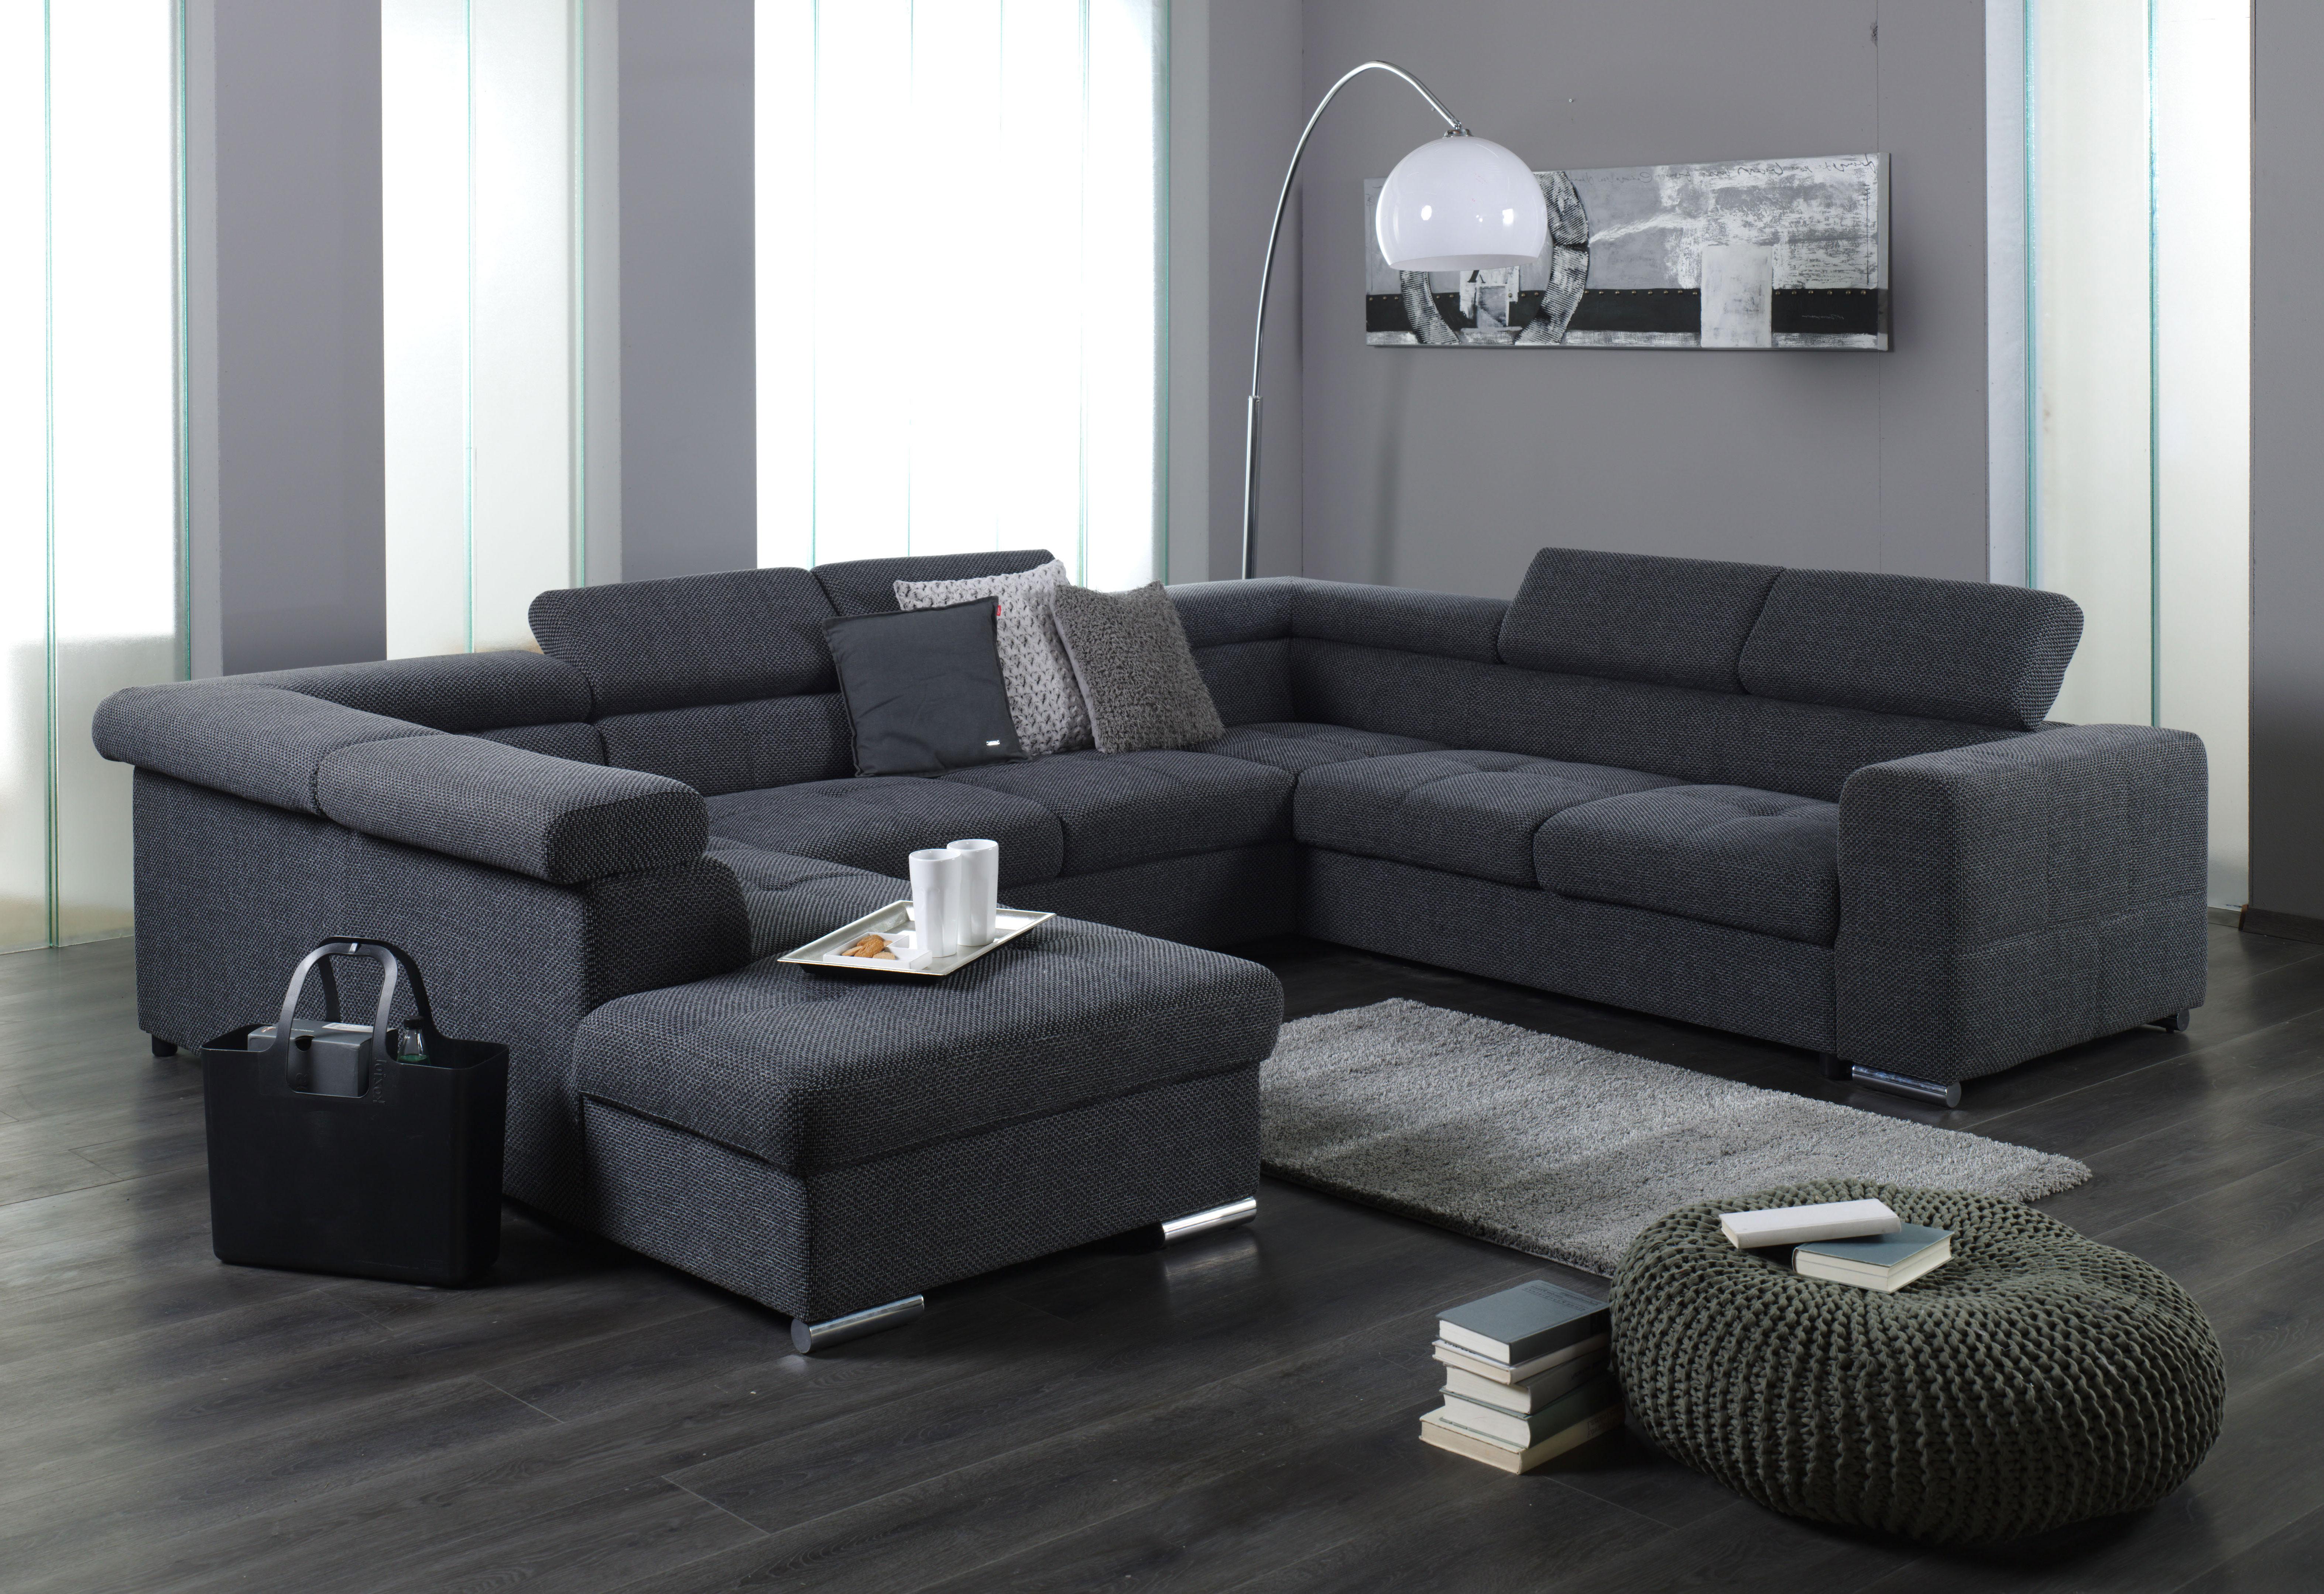 Wunderschön Wohnlandschaft U Form Xxl Das Beste Von Xxl-wohnlandschaft-couch-cary-u-form-versch-farben-